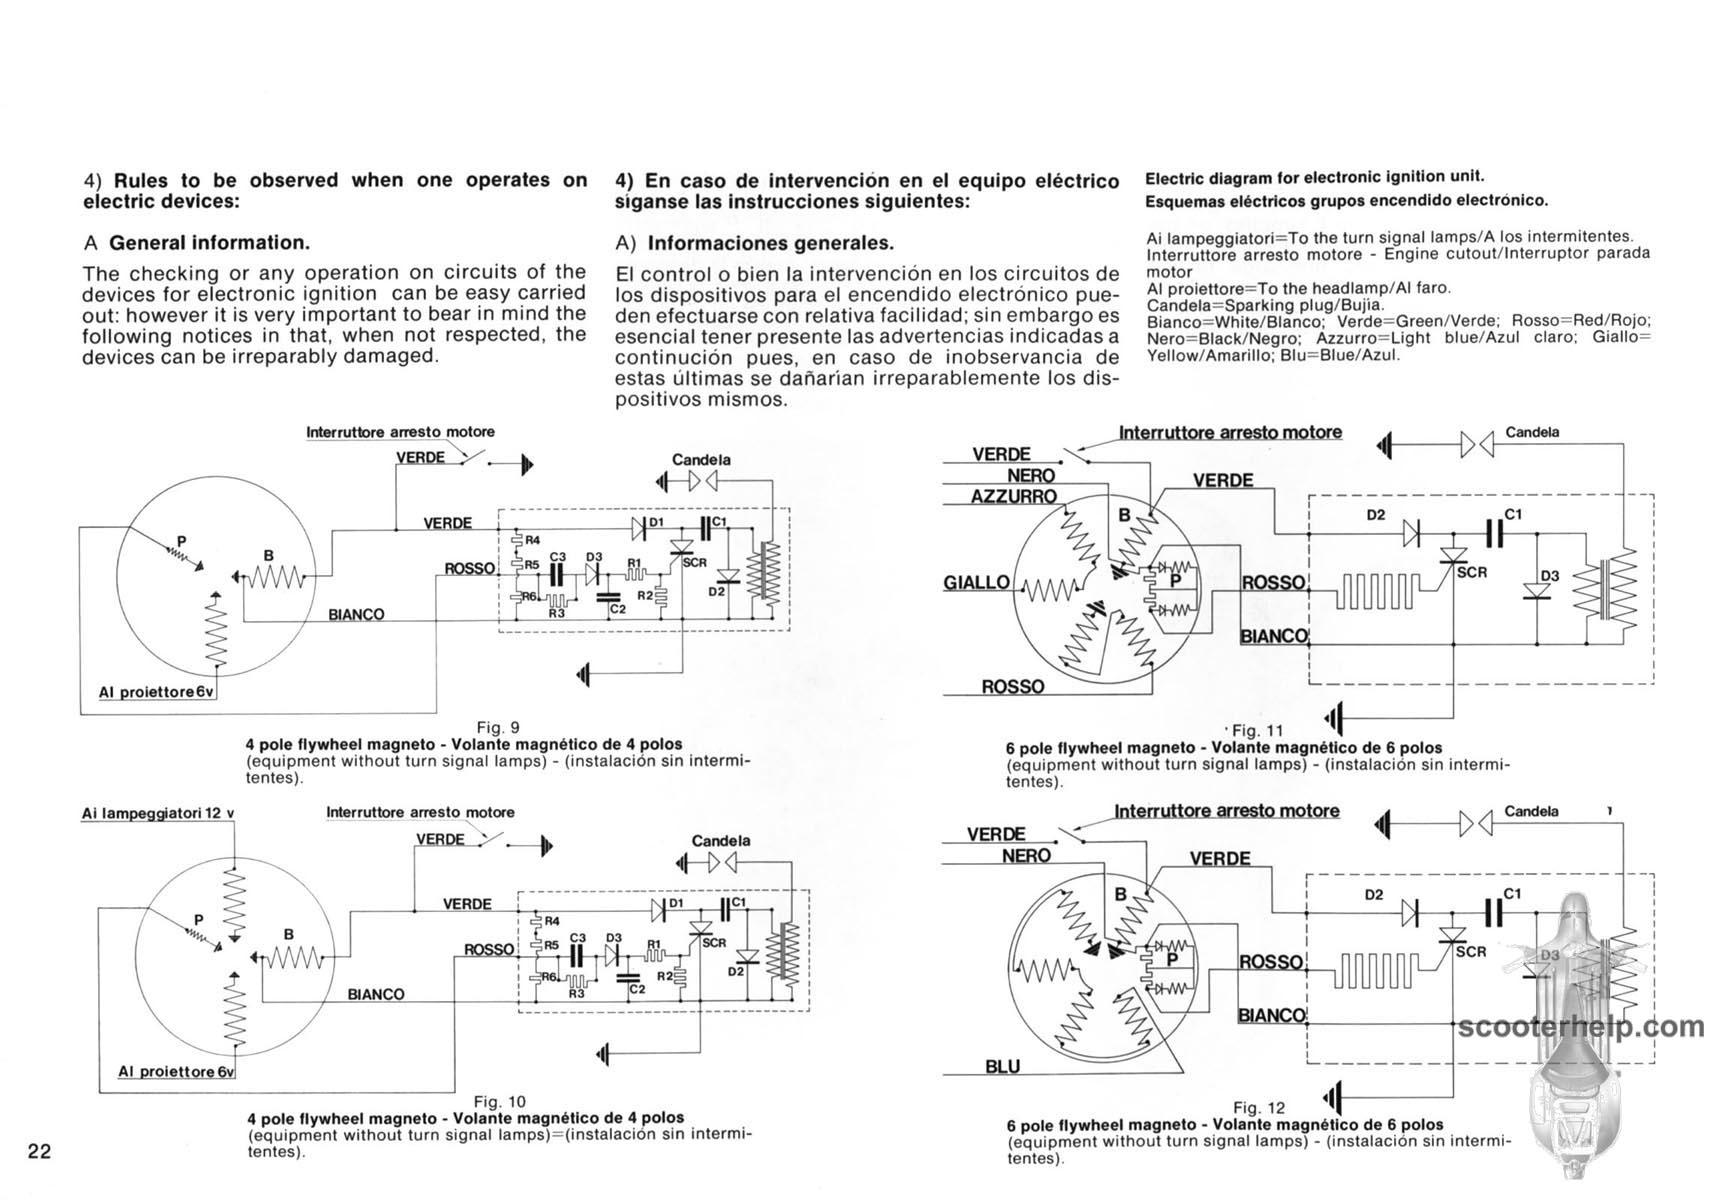 Amprobe Pk Manual Guide